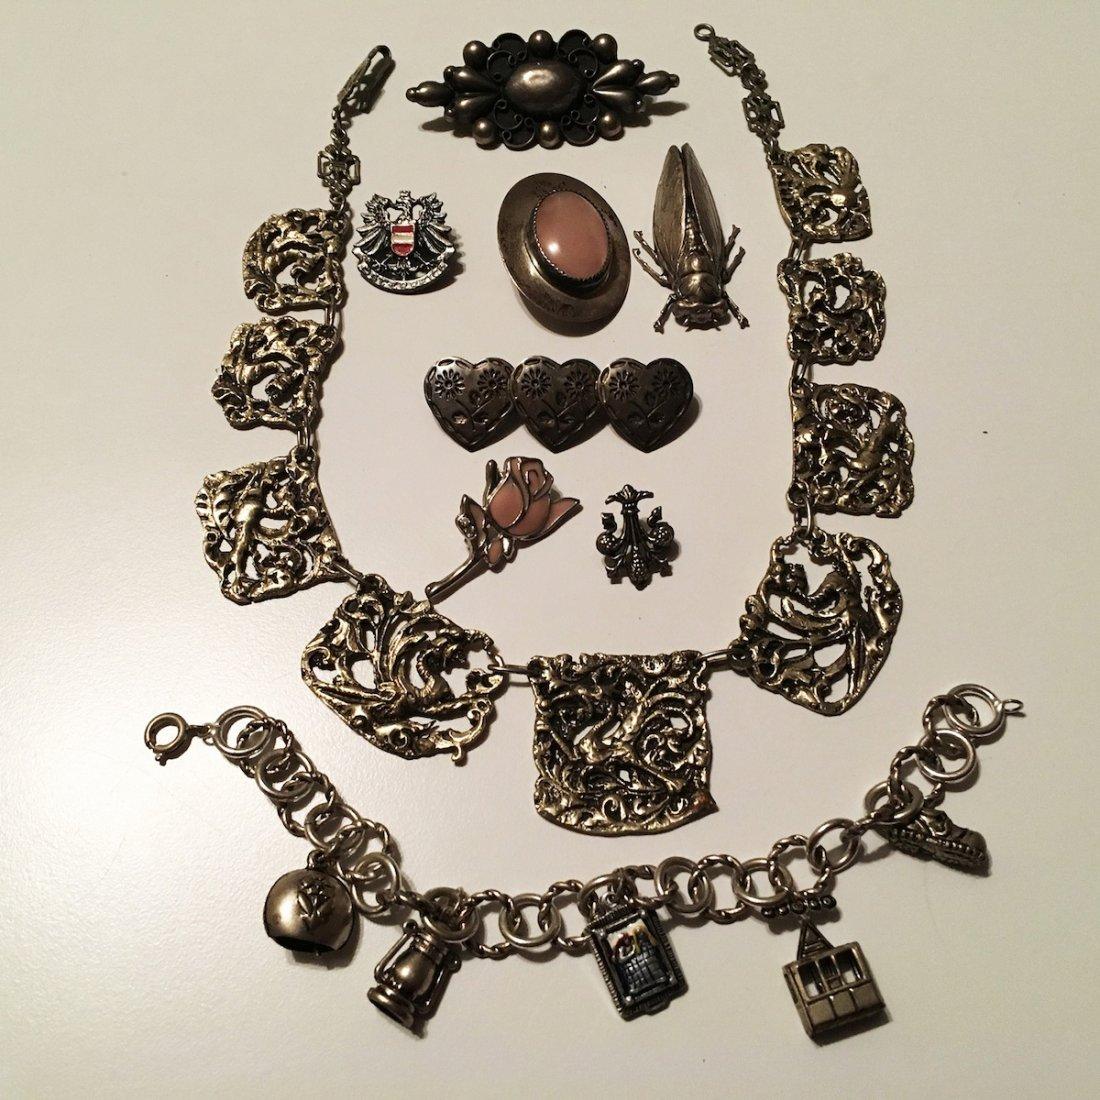 Silver Jewelry, Pins, Charm bracelet, Bug